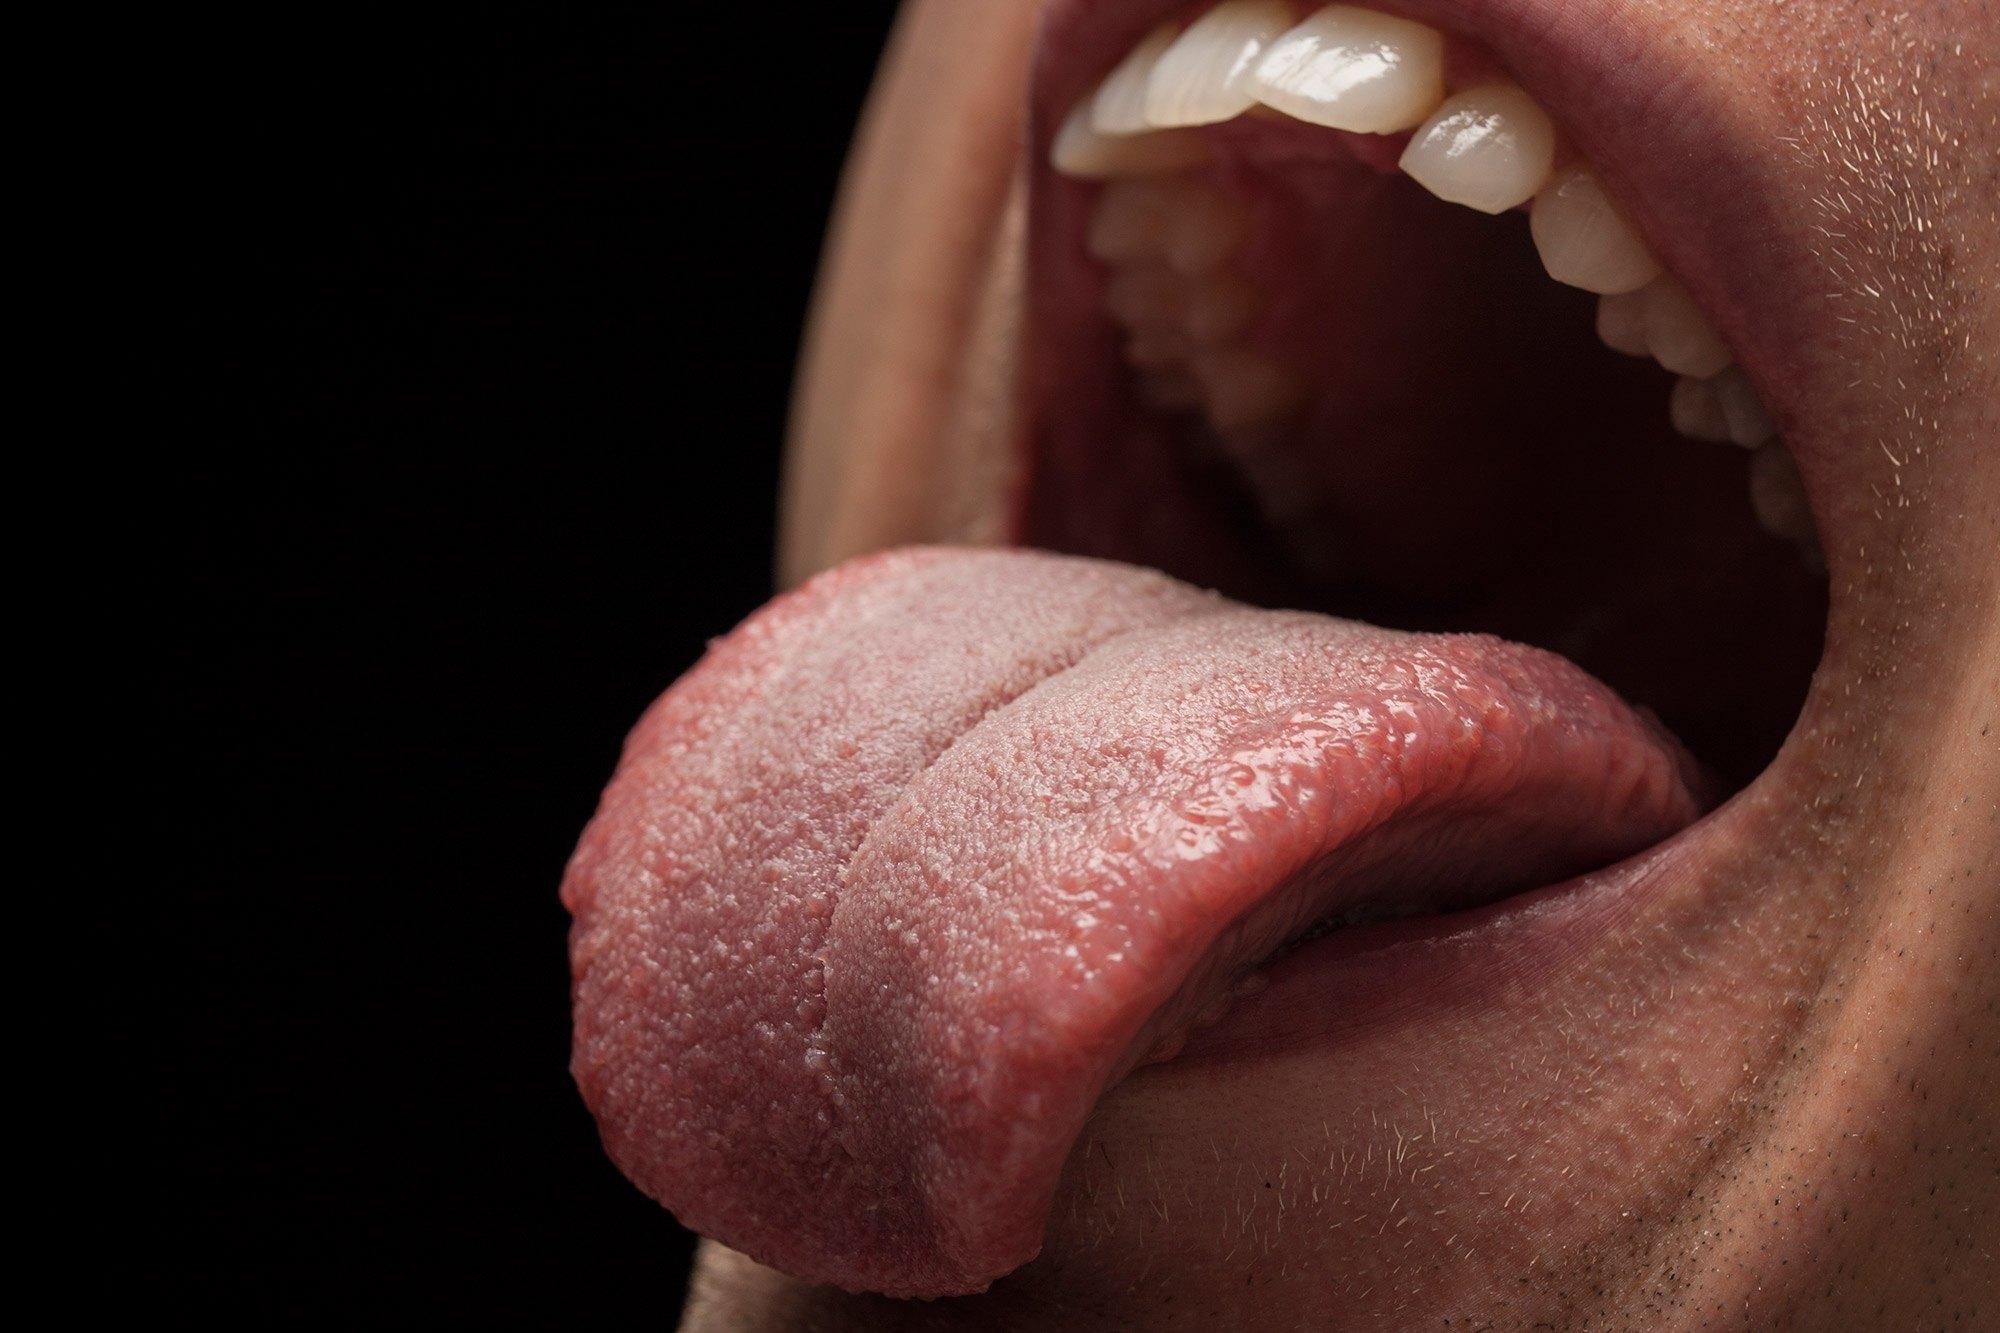 Síndrome de boca ardiente: síntomas, causas y factores de riesgo - Acosta Cubero